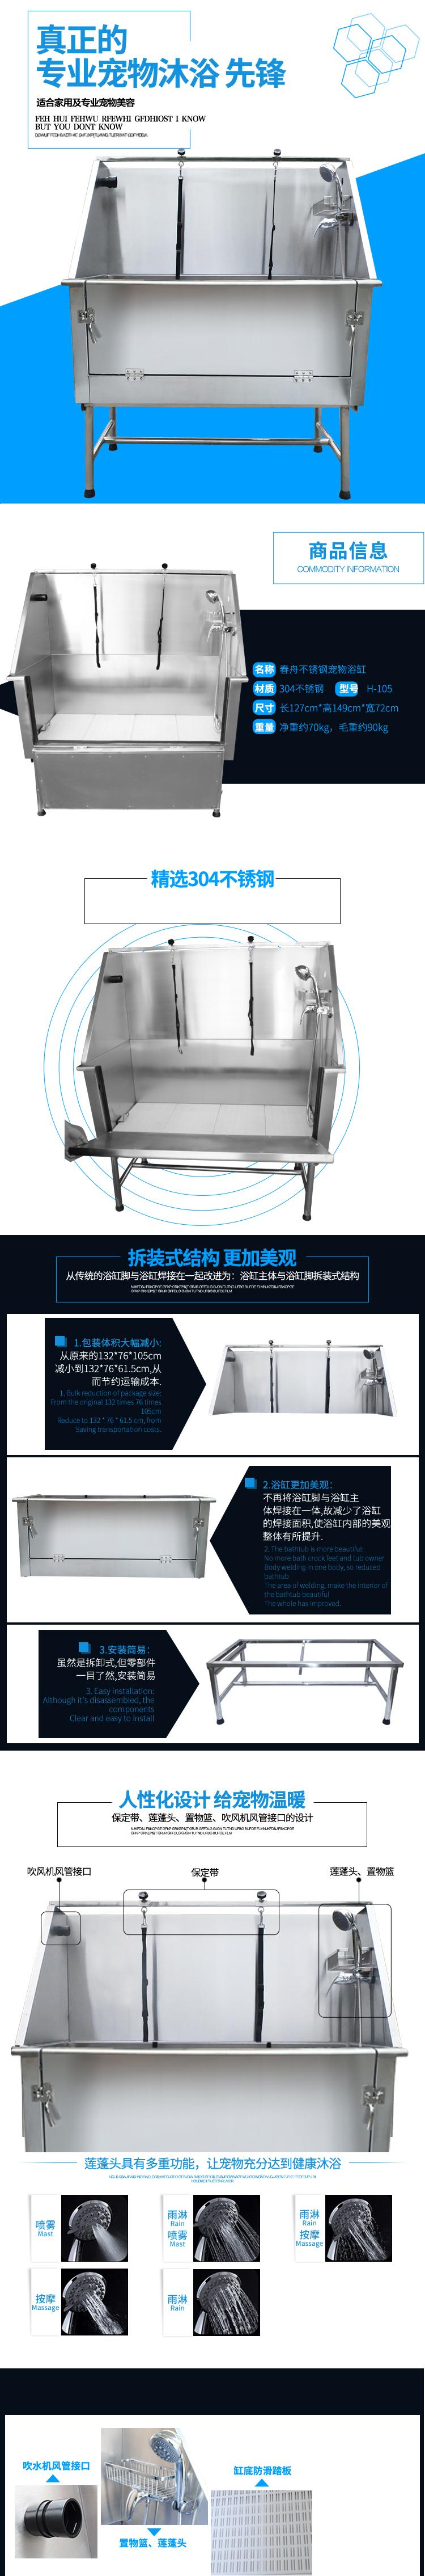 不锈钢浴缸H-105